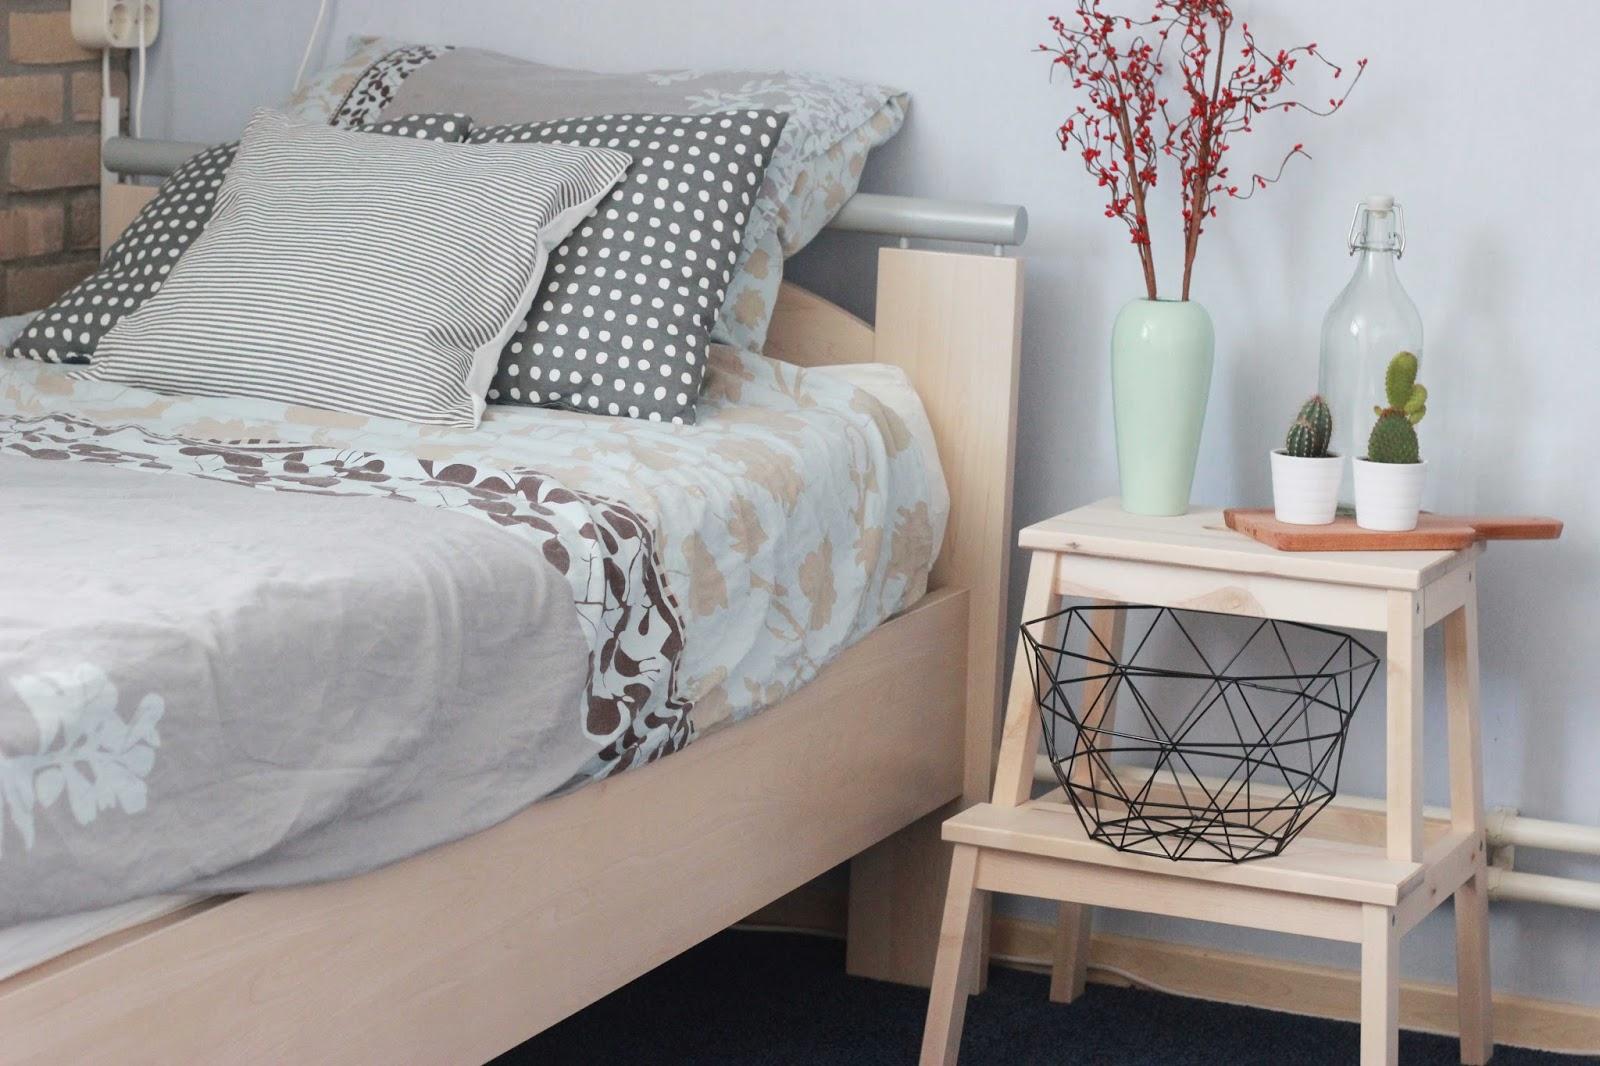 Ikea Glazen Tafel : Ikea woonkamer tafel. perfect antieke tafel altijd al gedroomd van